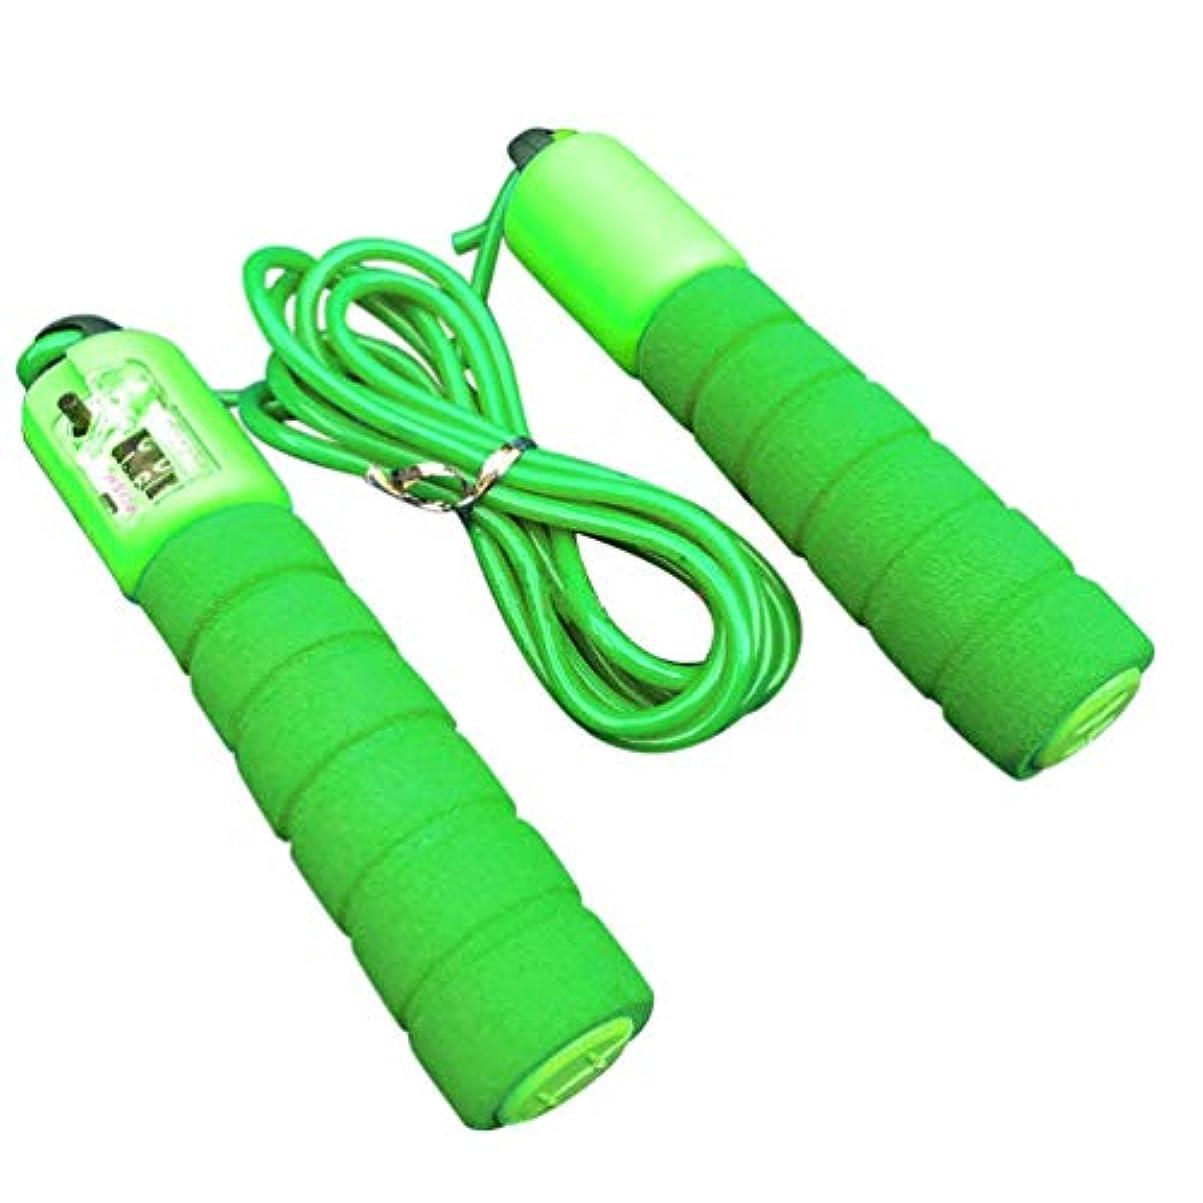 ドリンク本部それにもかかわらず調節可能なプロフェッショナルカウント縄跳び自動カウントジャンプロープフィットネス運動高速カウントジャンプロープ - グリーン